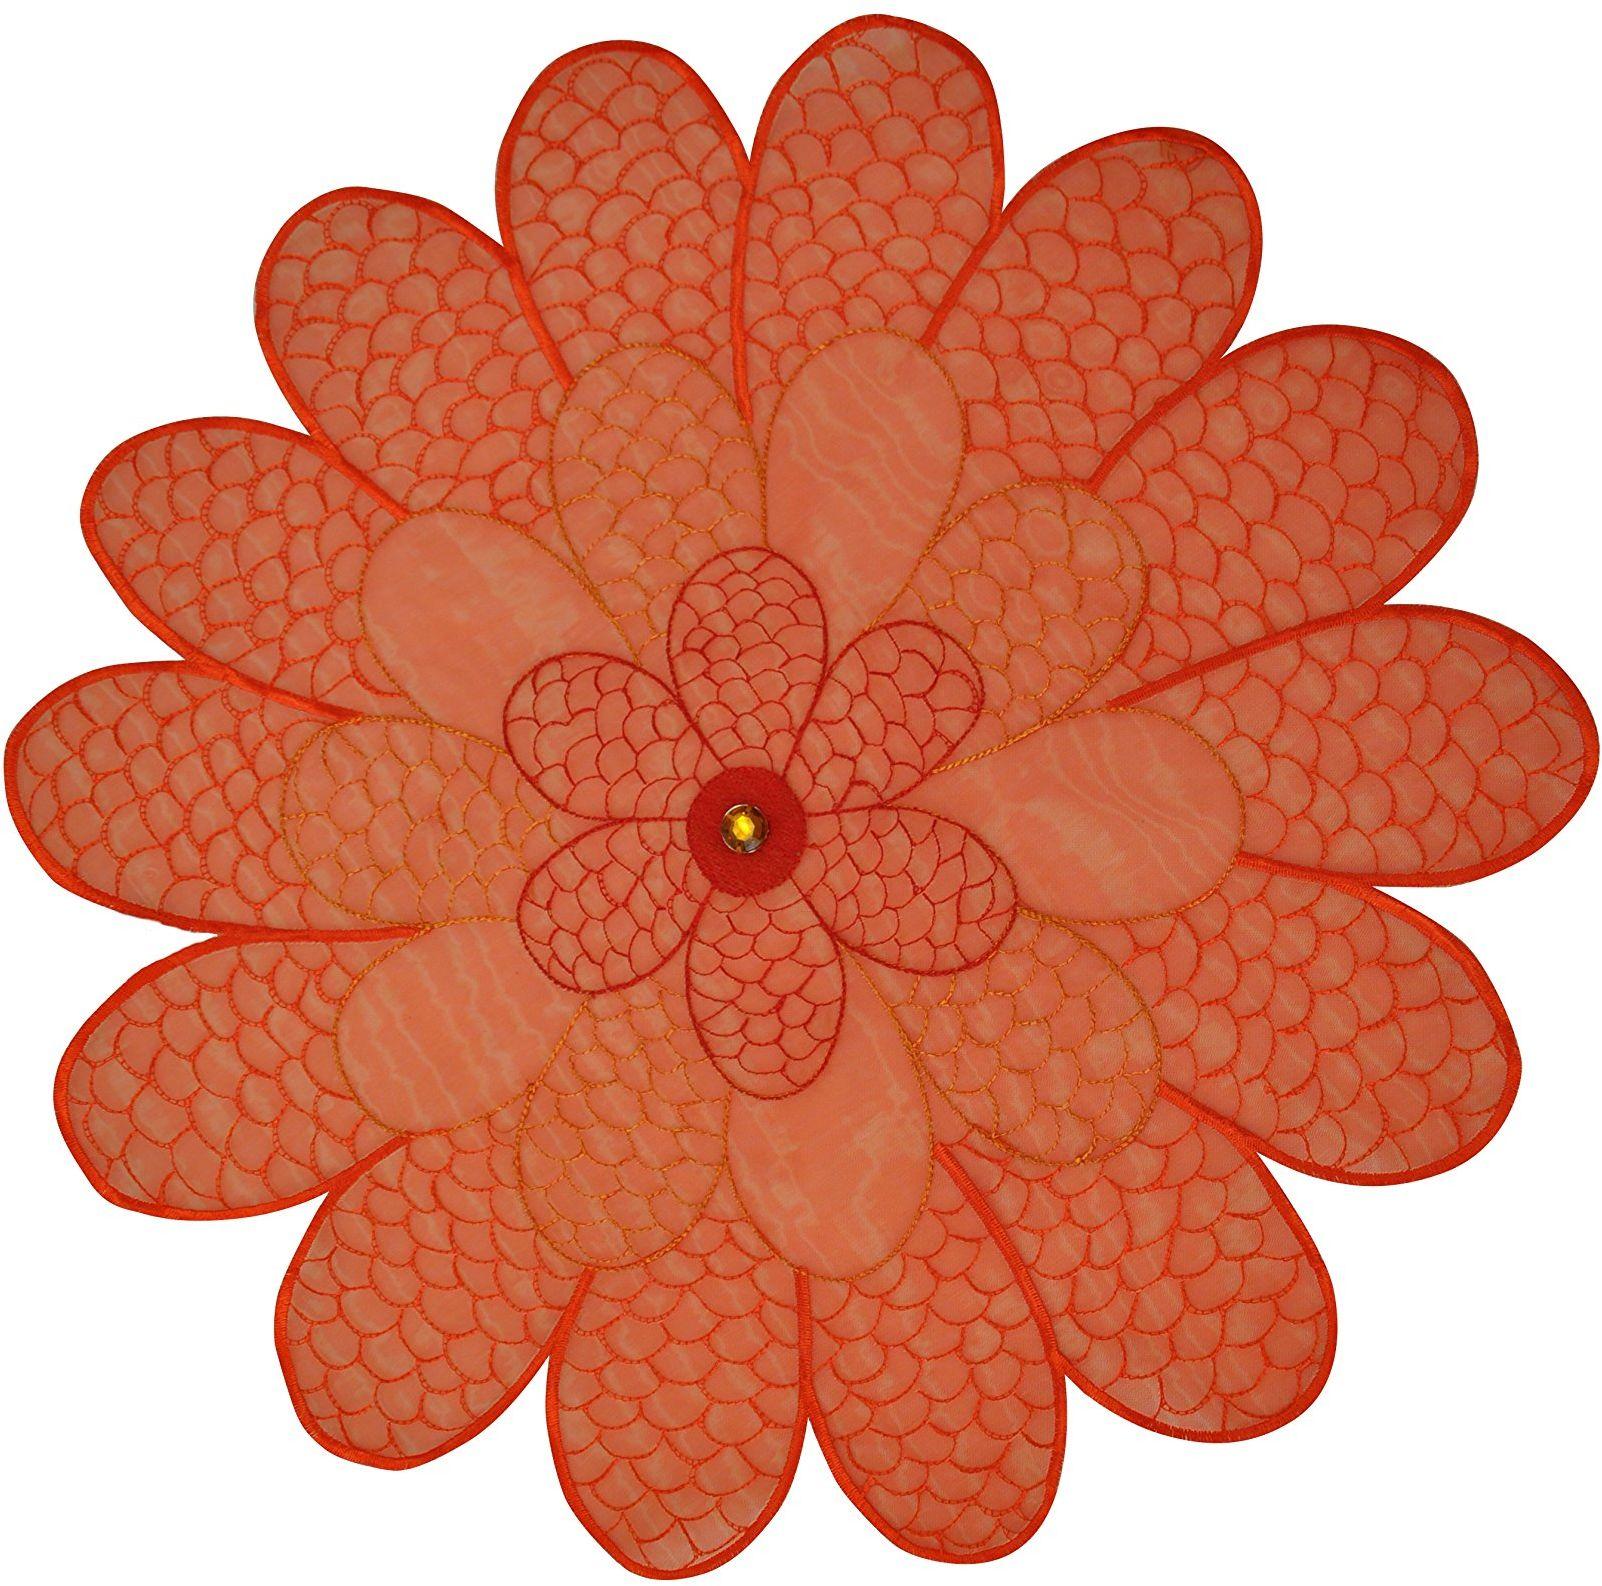 Bellanda Podkładki stołowe, poliamidowe, 50% poliester, pomarańczowe, 30 cm